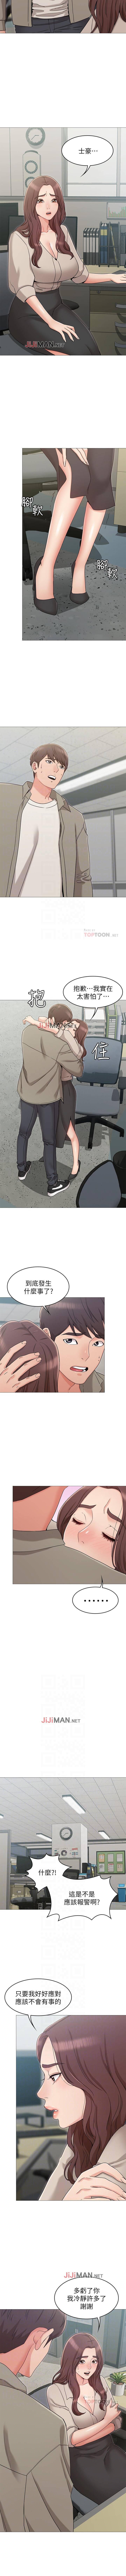 【周六连载】女友的姐姐(作者:橡果人&獵狗) 第1~14话 100